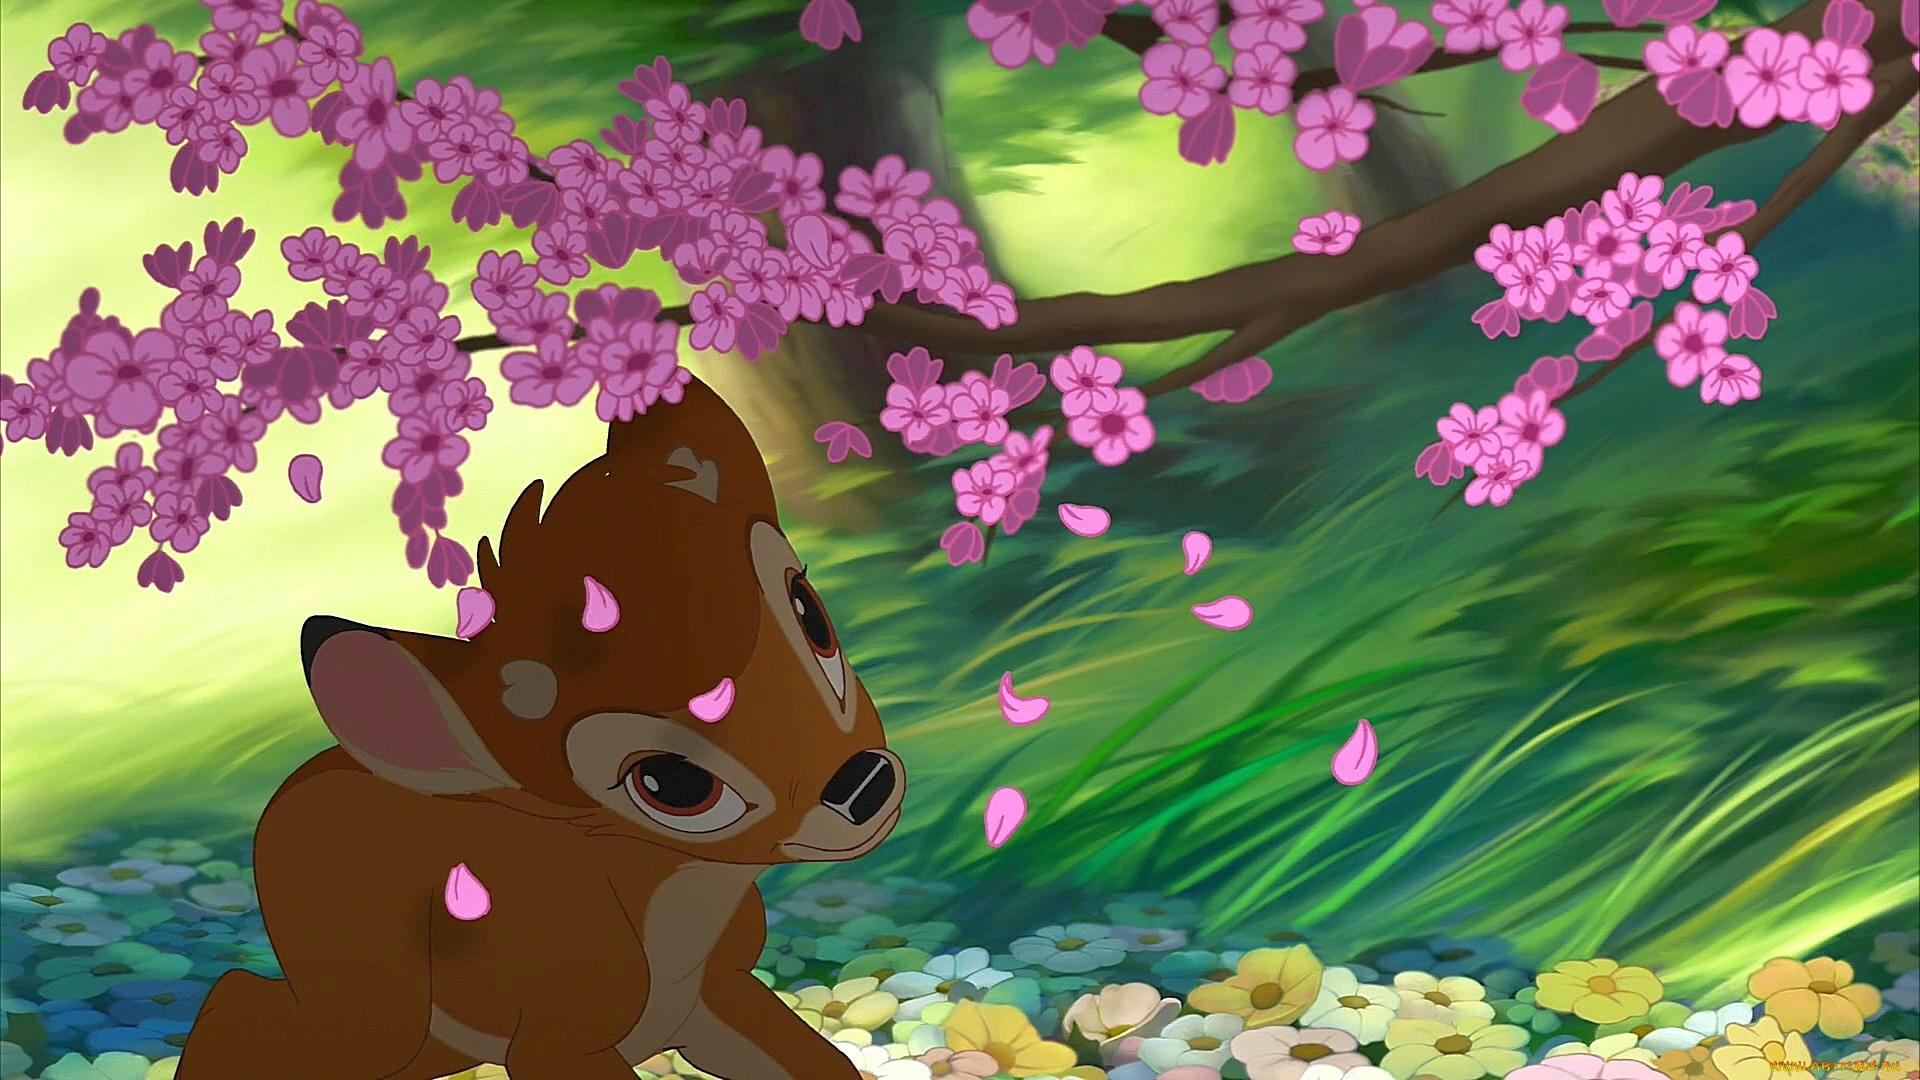 бэмби картинки с цветами востребованным